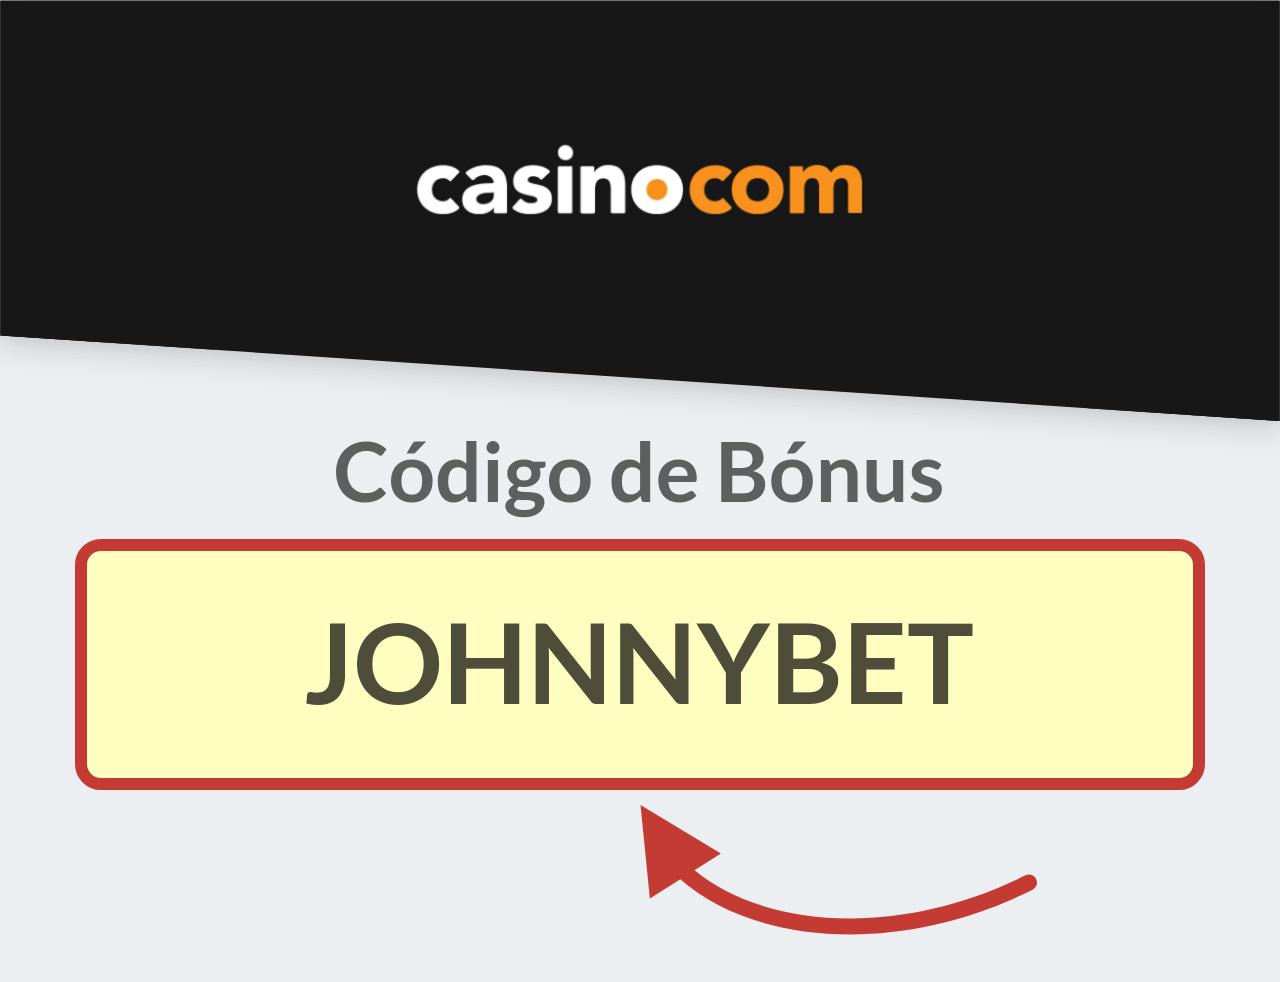 Código Promocional Casino.com